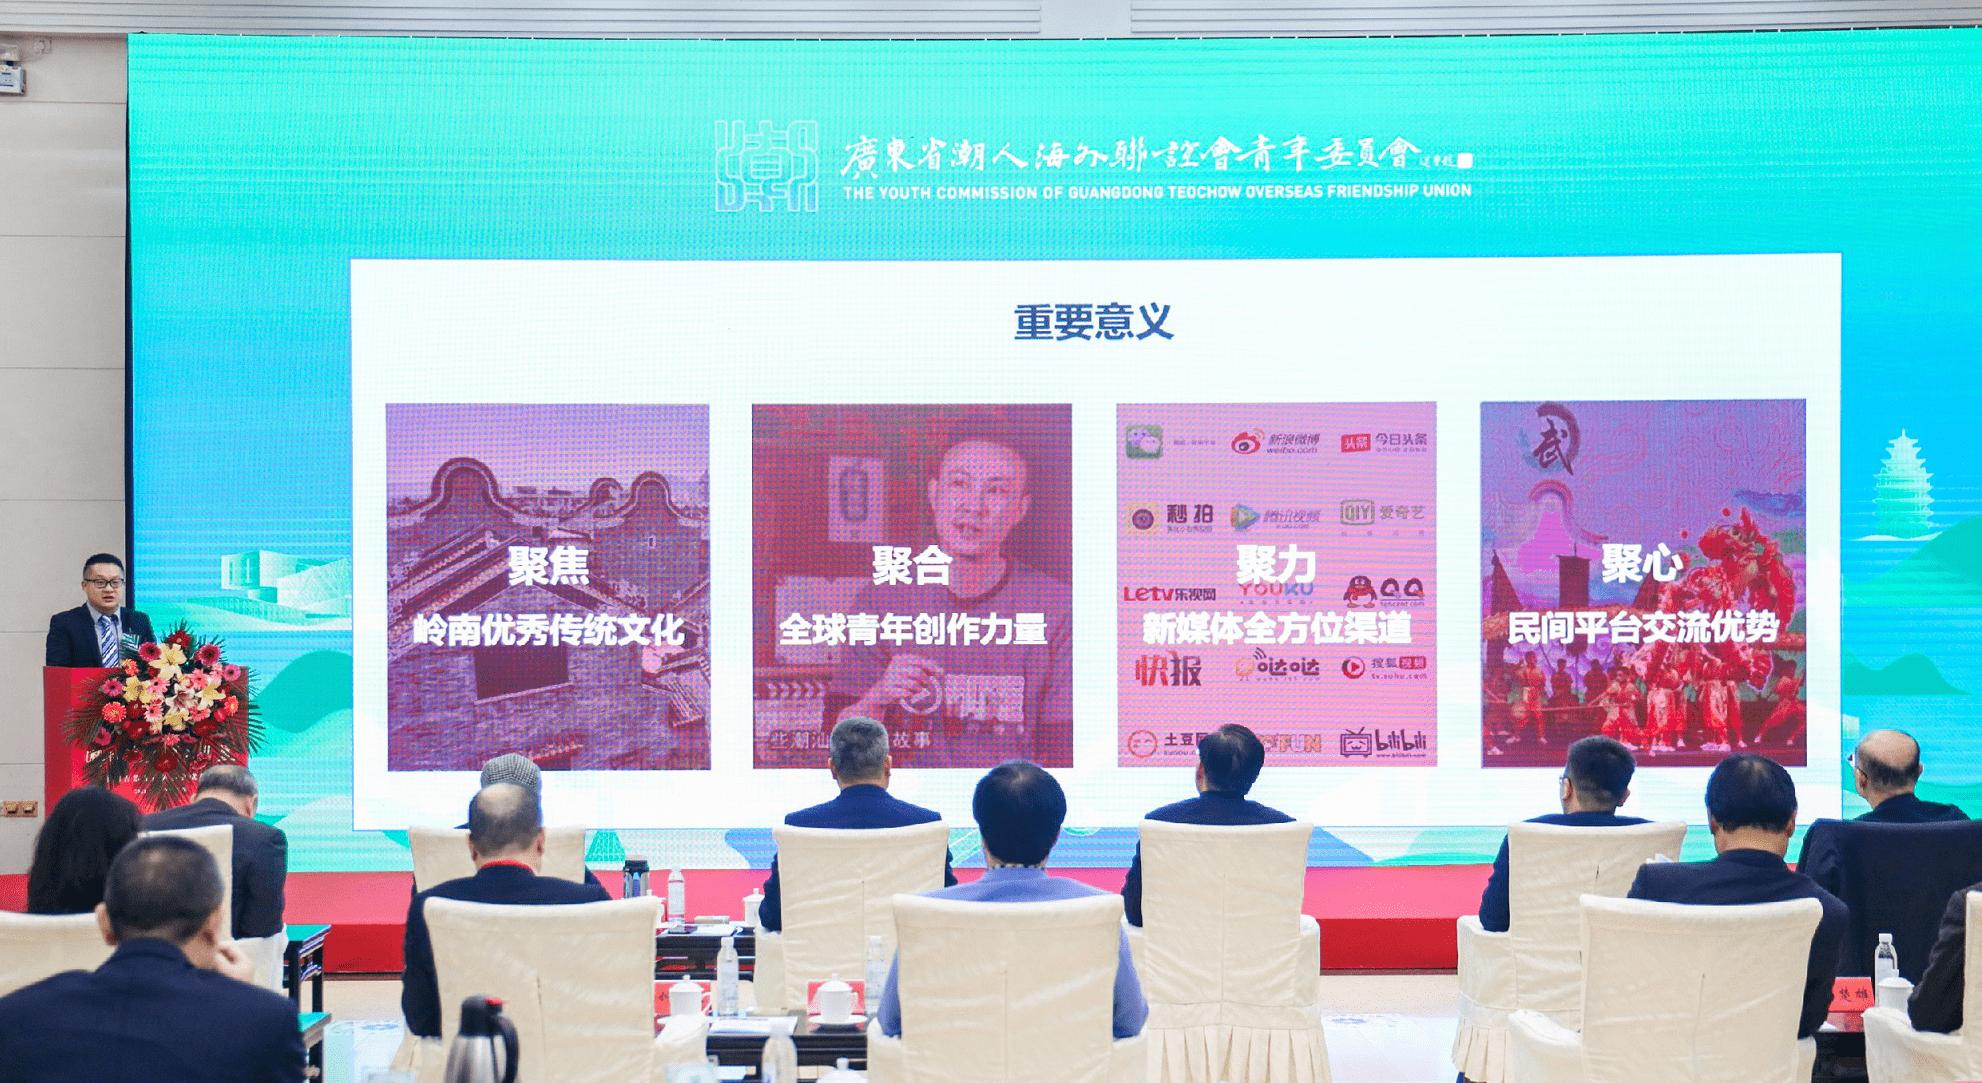 首届湾区青年(传统文化)影像国际赛正式启动